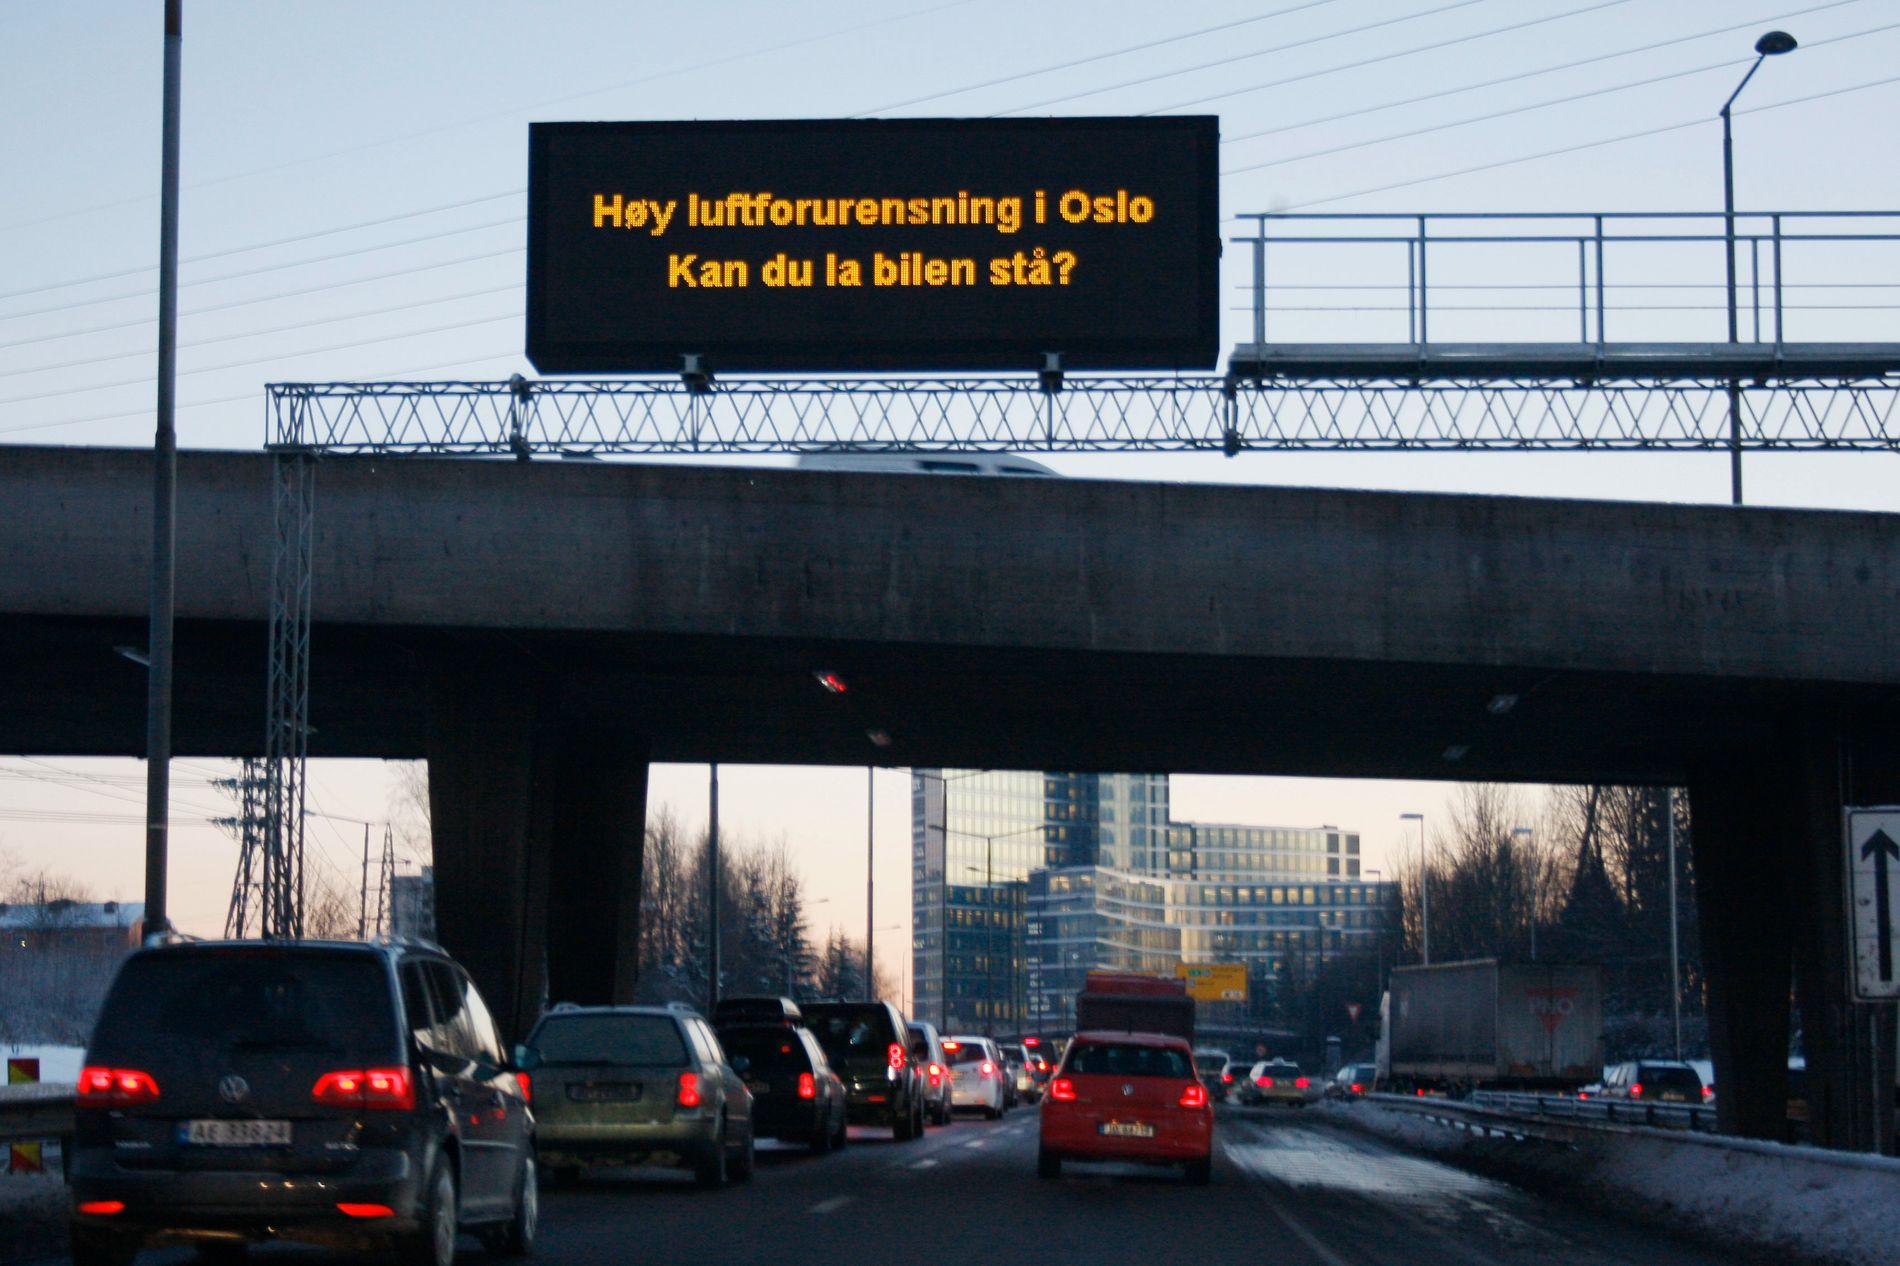 HØY LUFTFORURENSING: PÅ dager med høy luftforurensning, oppfordres Oslo-borgere til å la bilen stå. Her fra Ring 3 før avkjøringen til Helsfyr. Foto: Håkon Mosvold Larsen / NTB scanpix